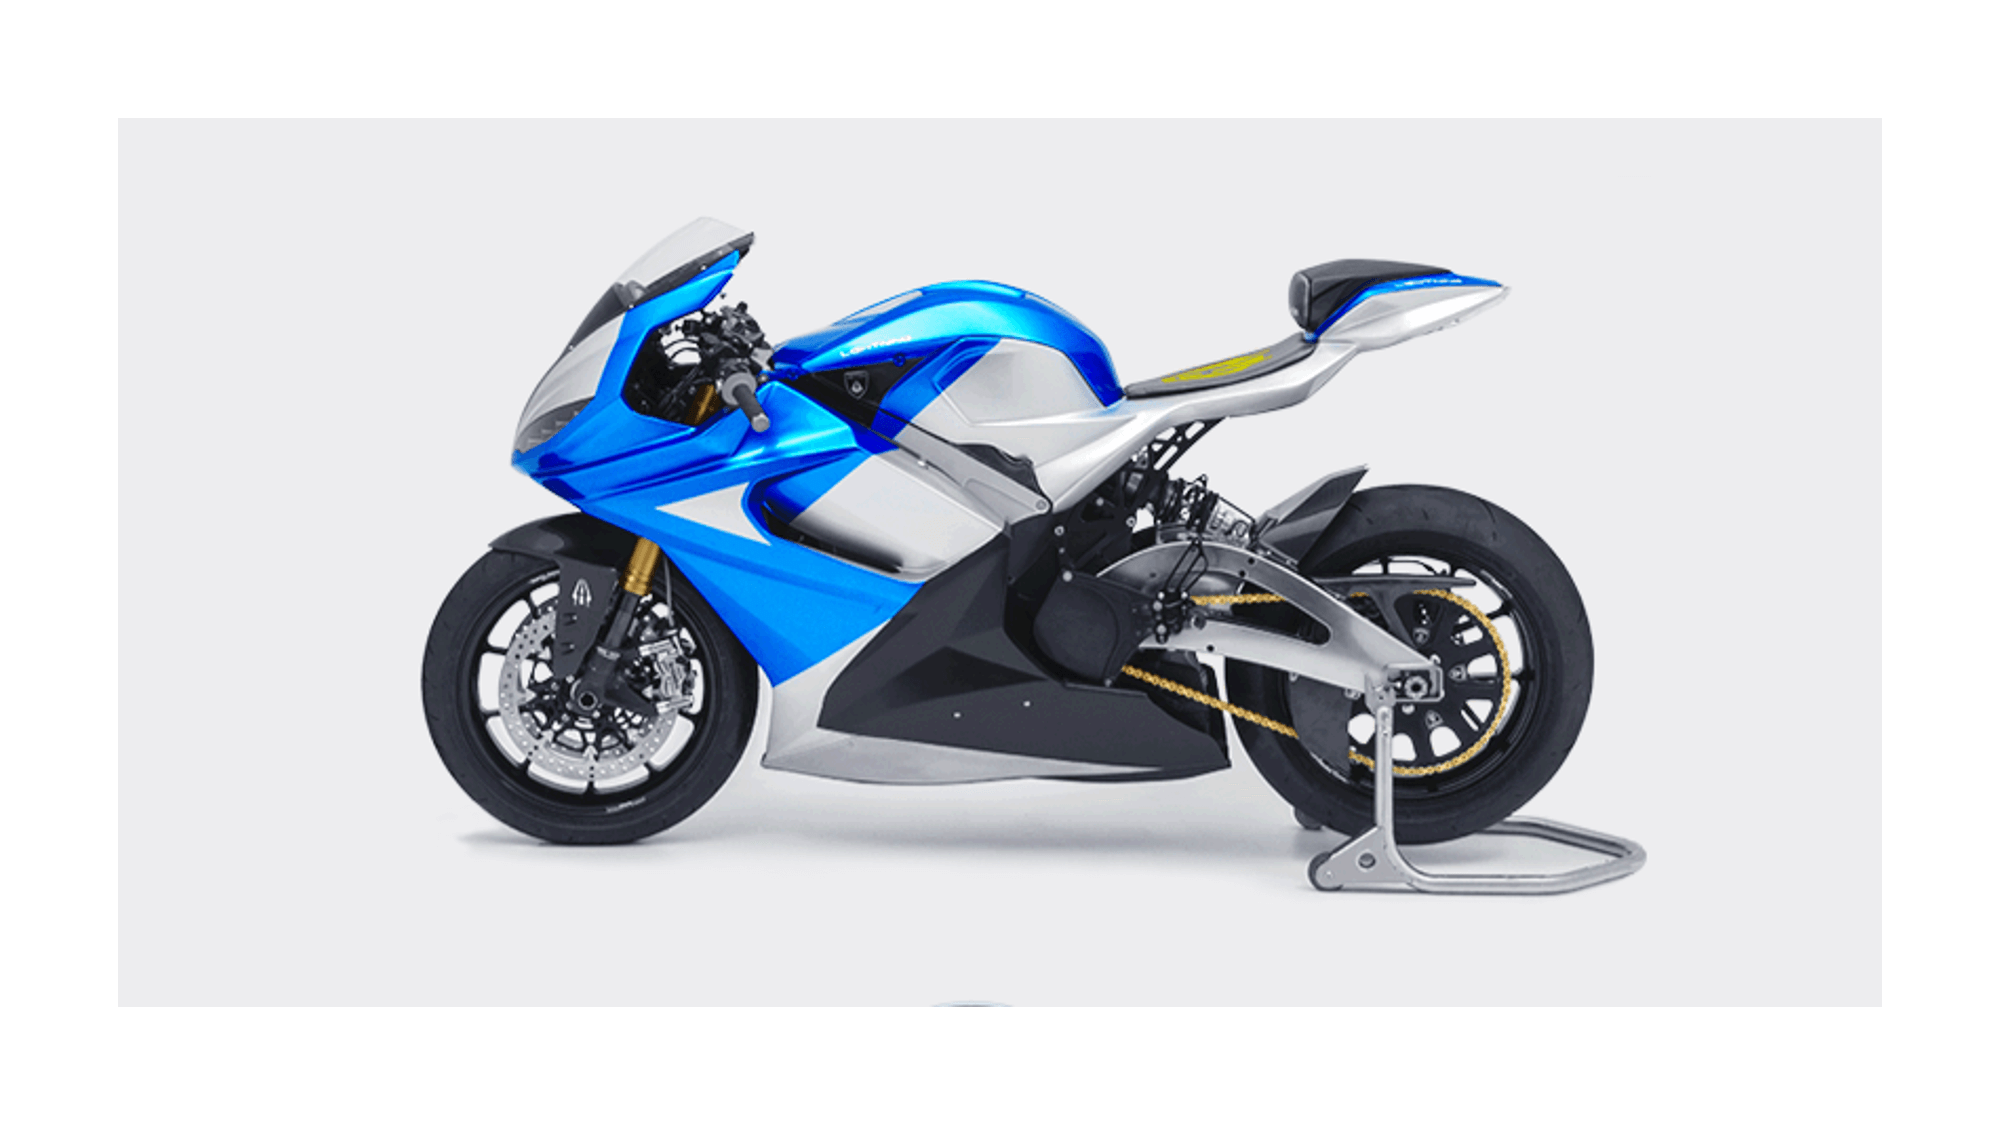 LS-218 Lightning Motorcycles